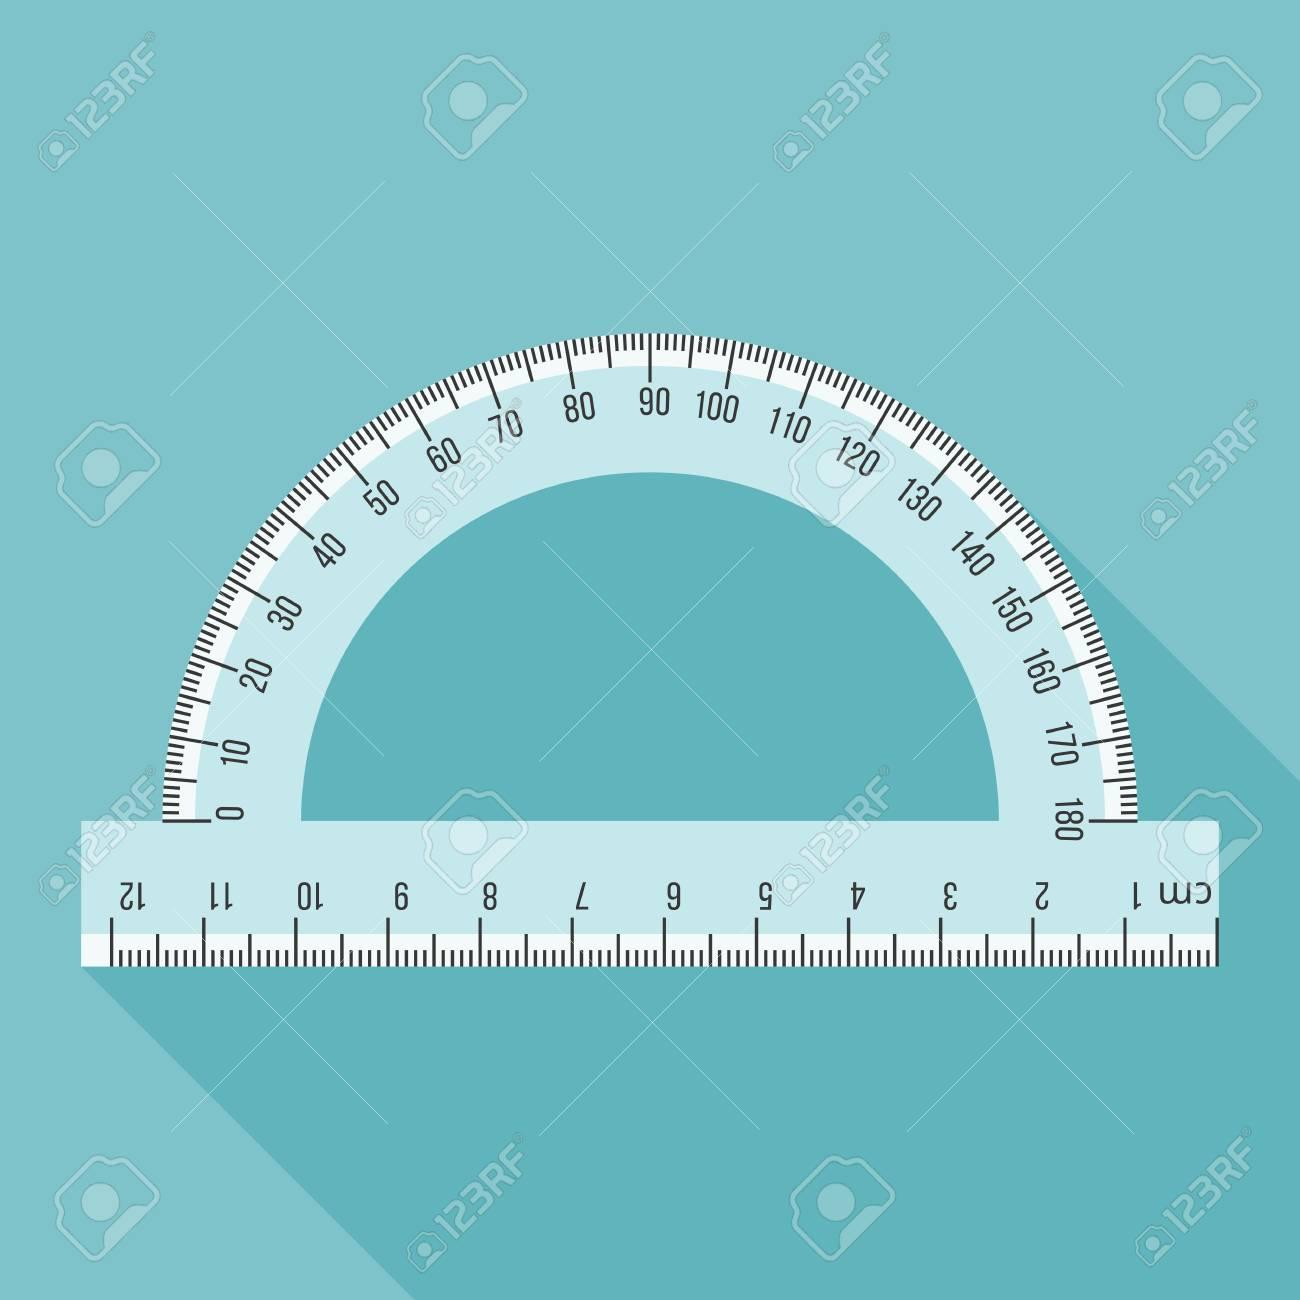 real scale ruler - Monza berglauf-verband com